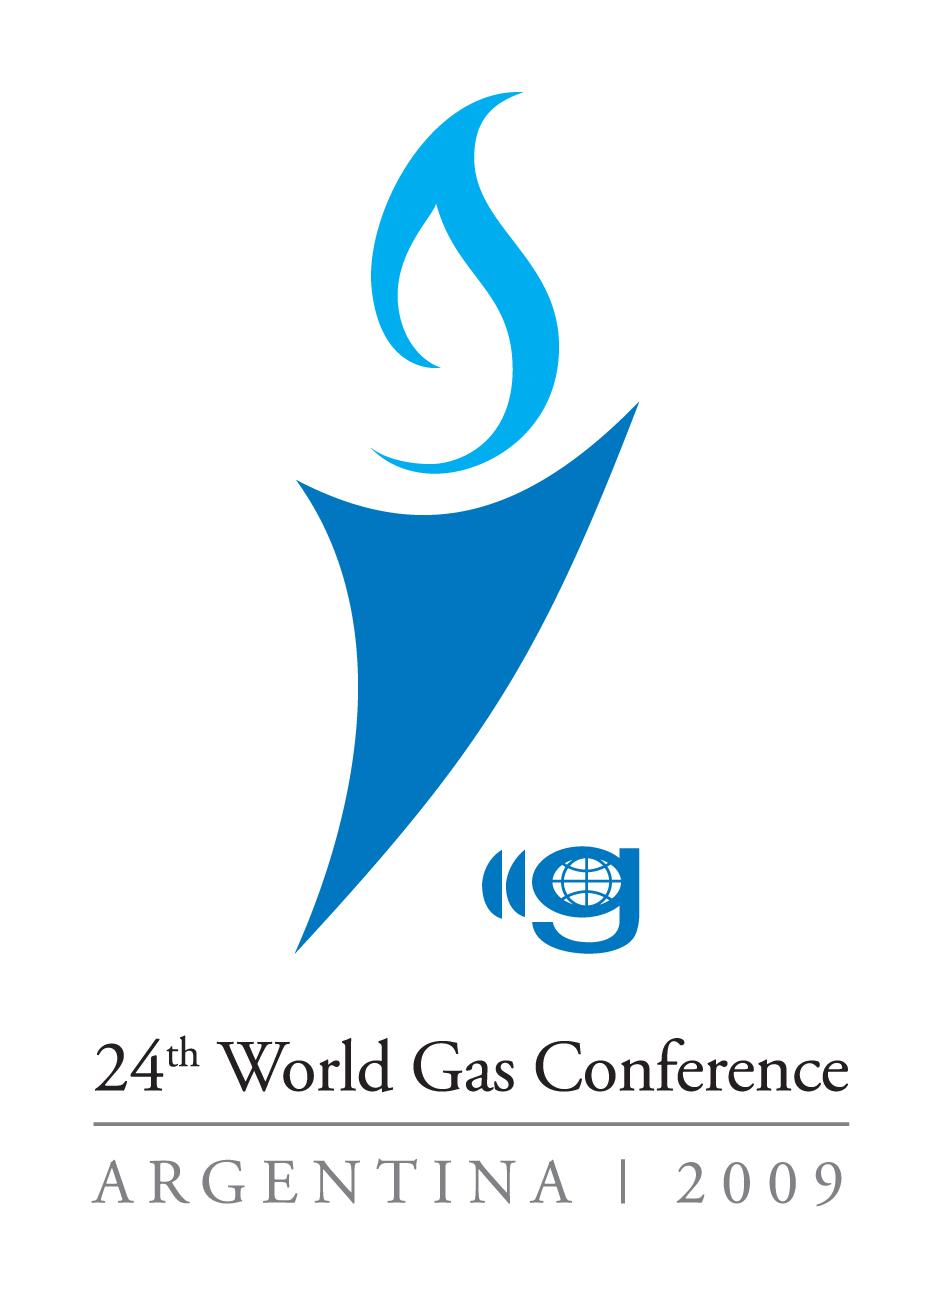 WGC2009 logo